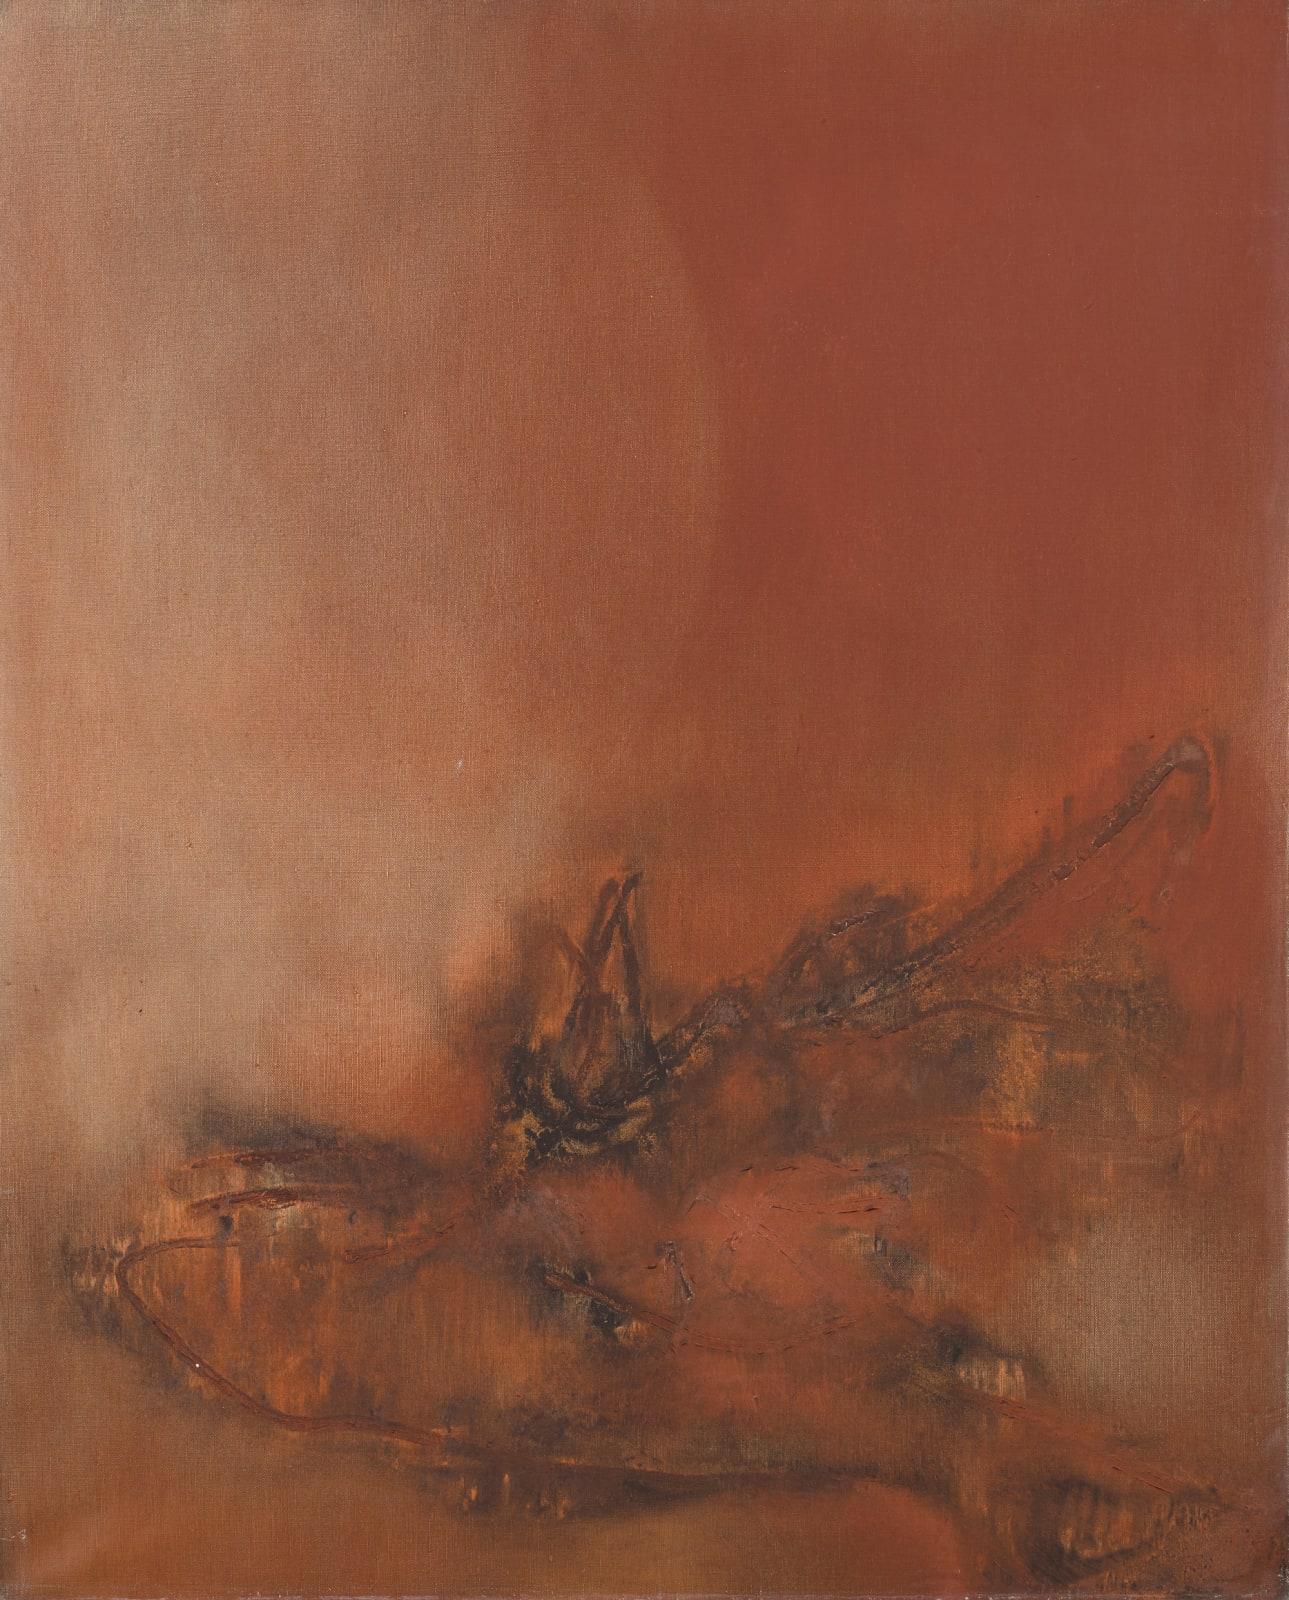 Lalan 謝景蘭, Untitled《無題》, 1960